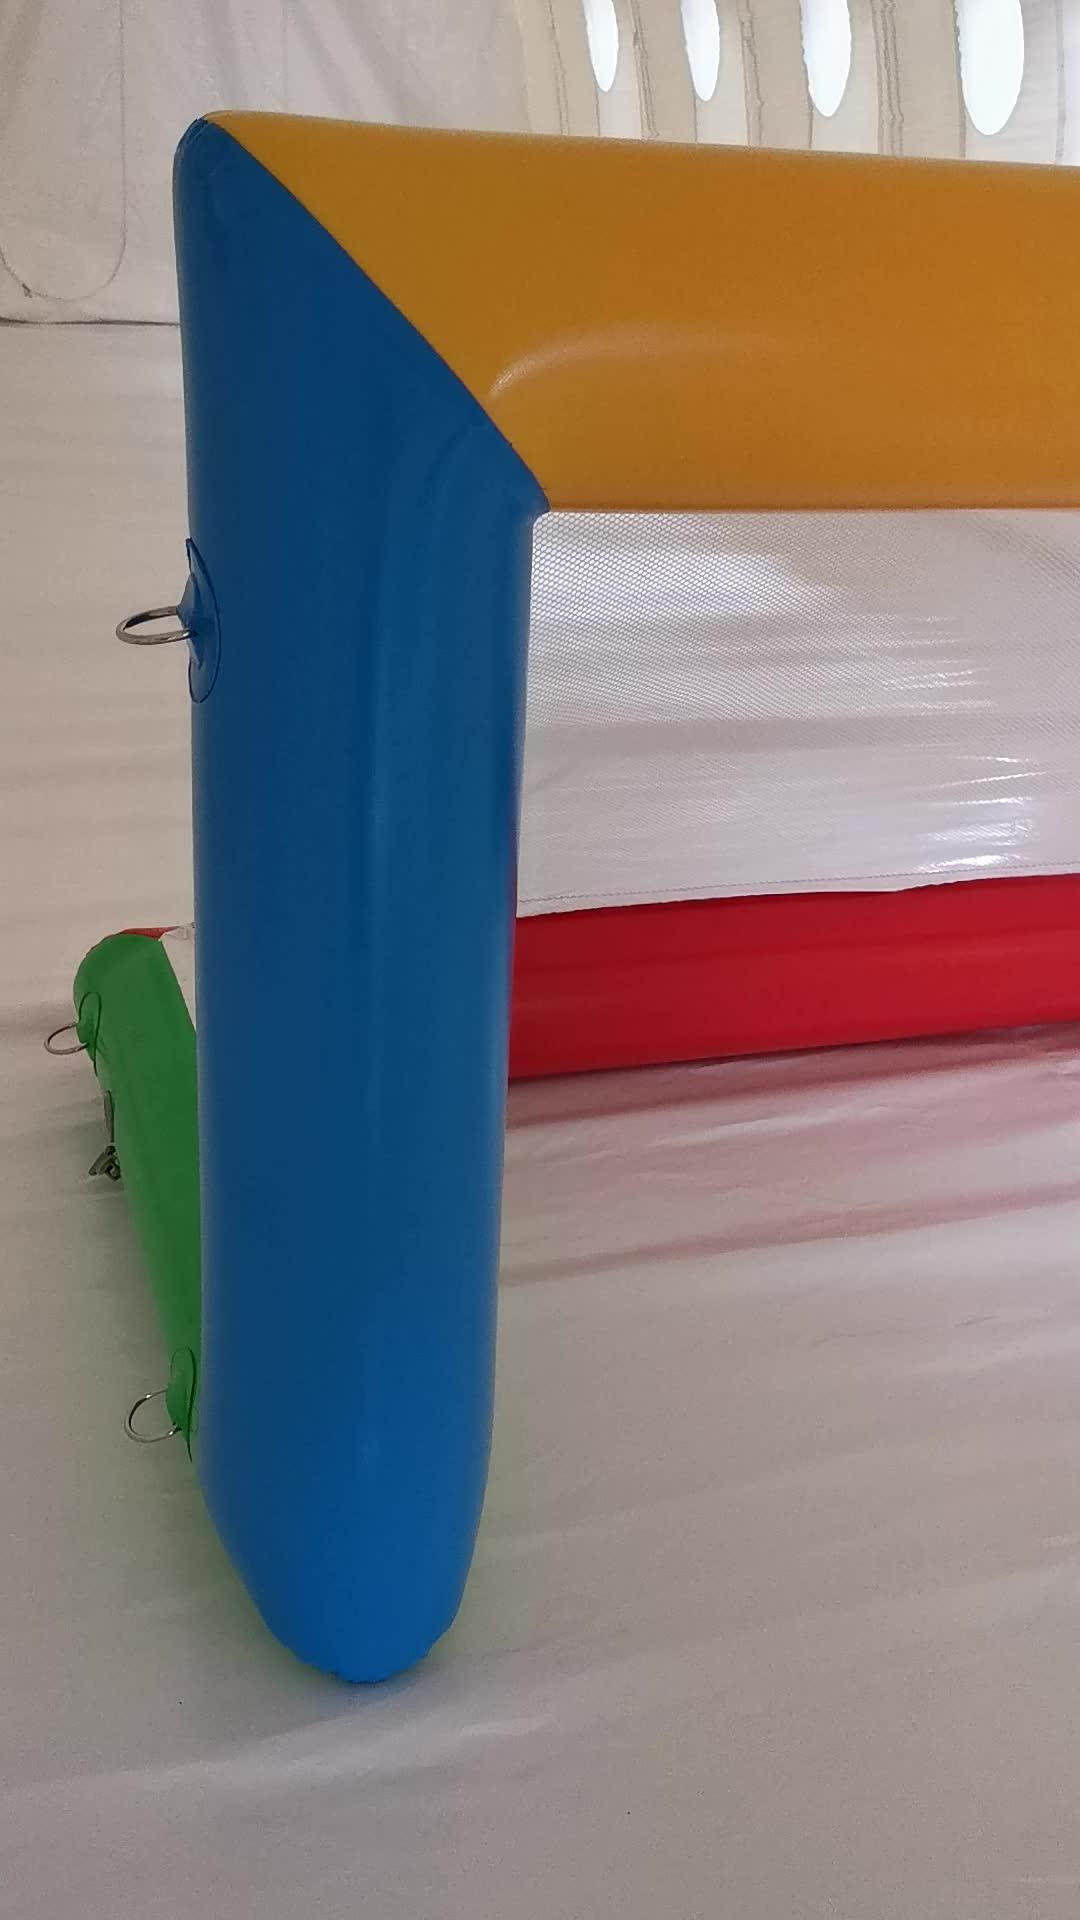 Tragbare Und Aufblasbare Sport Spiel Bereich Ball Spiel Ziel Schwimm Wasser Polo Ziel Für Kinder Und Erwachsene Im Freien Sport